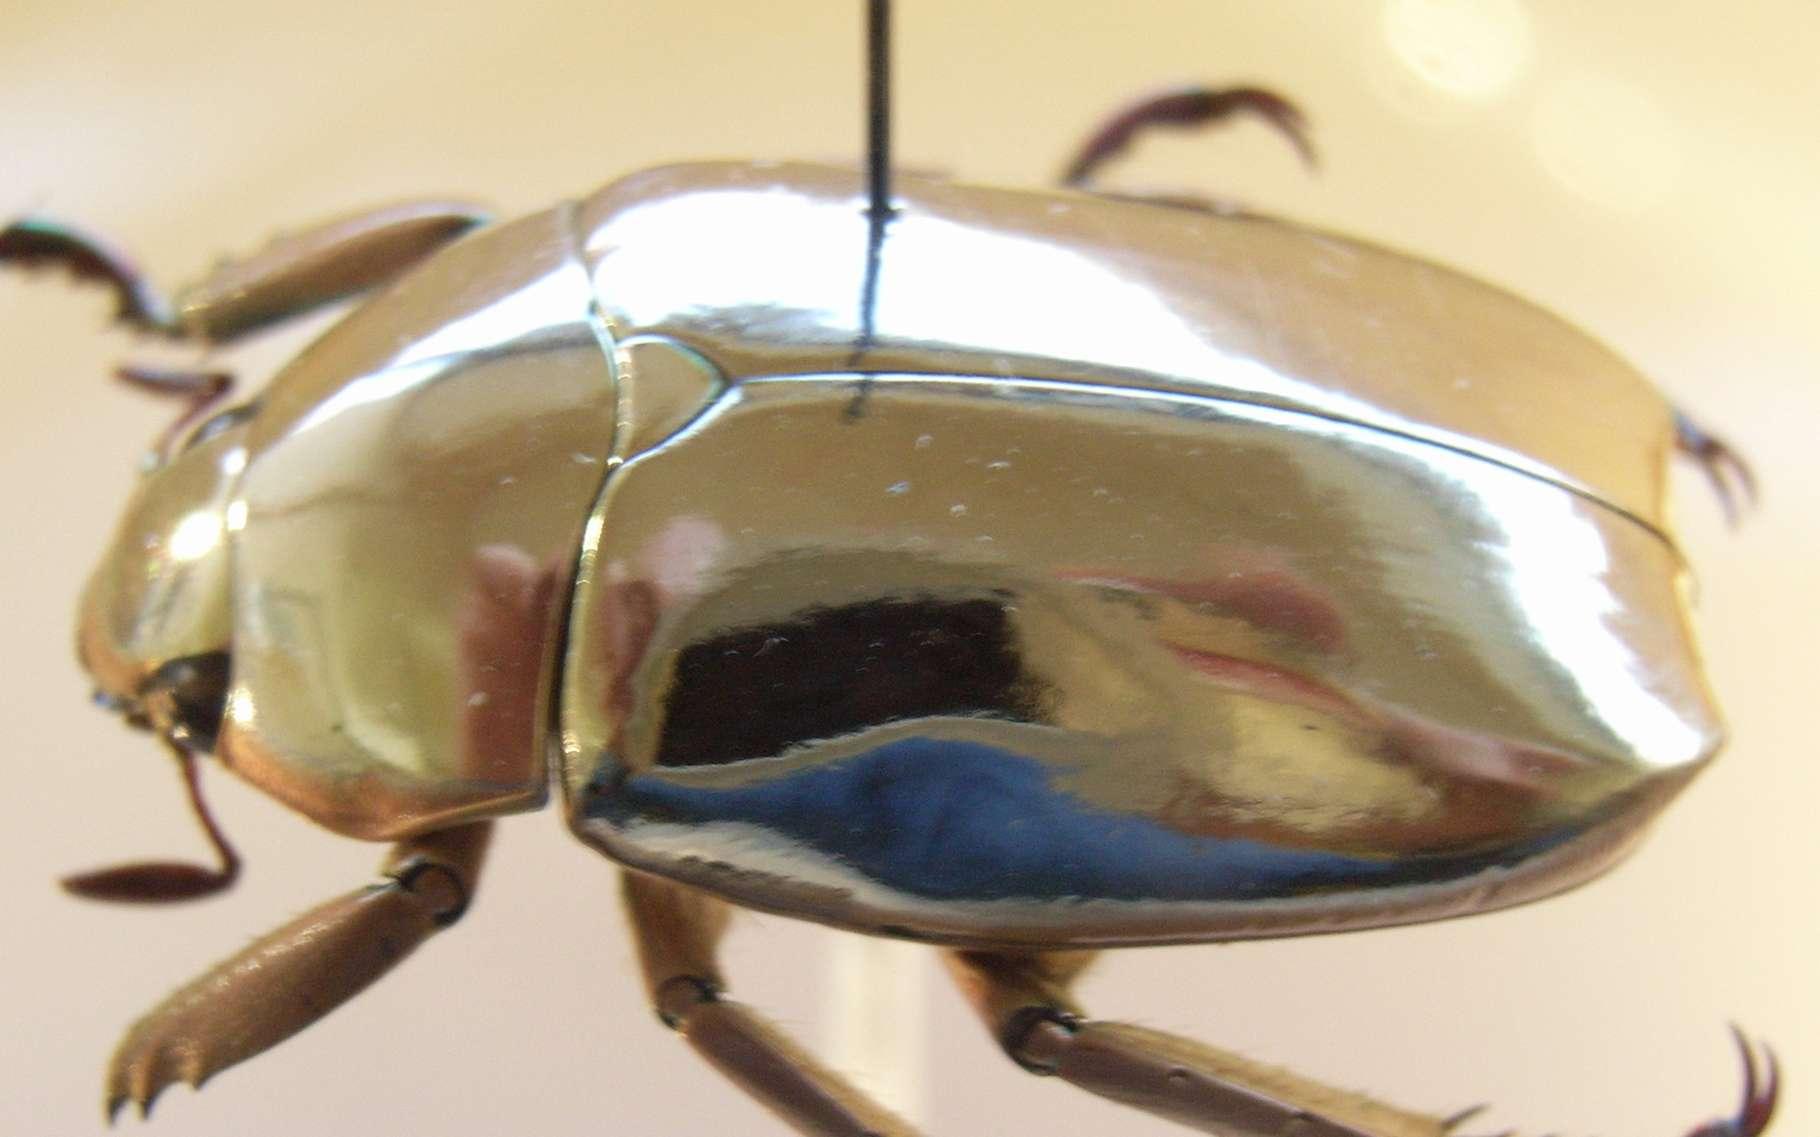 Le Chrysina resplendens, alias scarabée doré, constitue un témoin vivant de la beauté et de la complexité de la nature. © Notafluy, Wipimedia Commons, CC by-SA 3.0 Unported